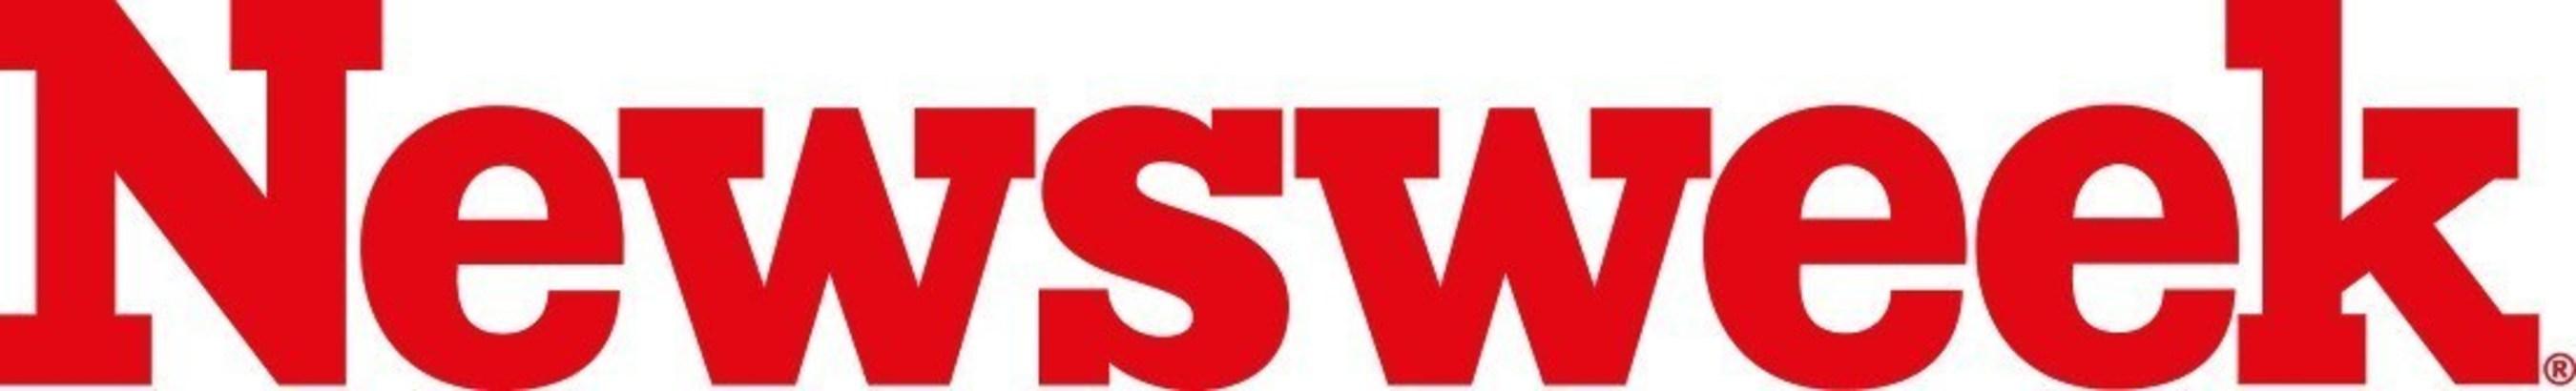 Newsweek Logo (PRNewsFoto/Newsweek Europe) (PRNewsFoto/Newsweek Europe)